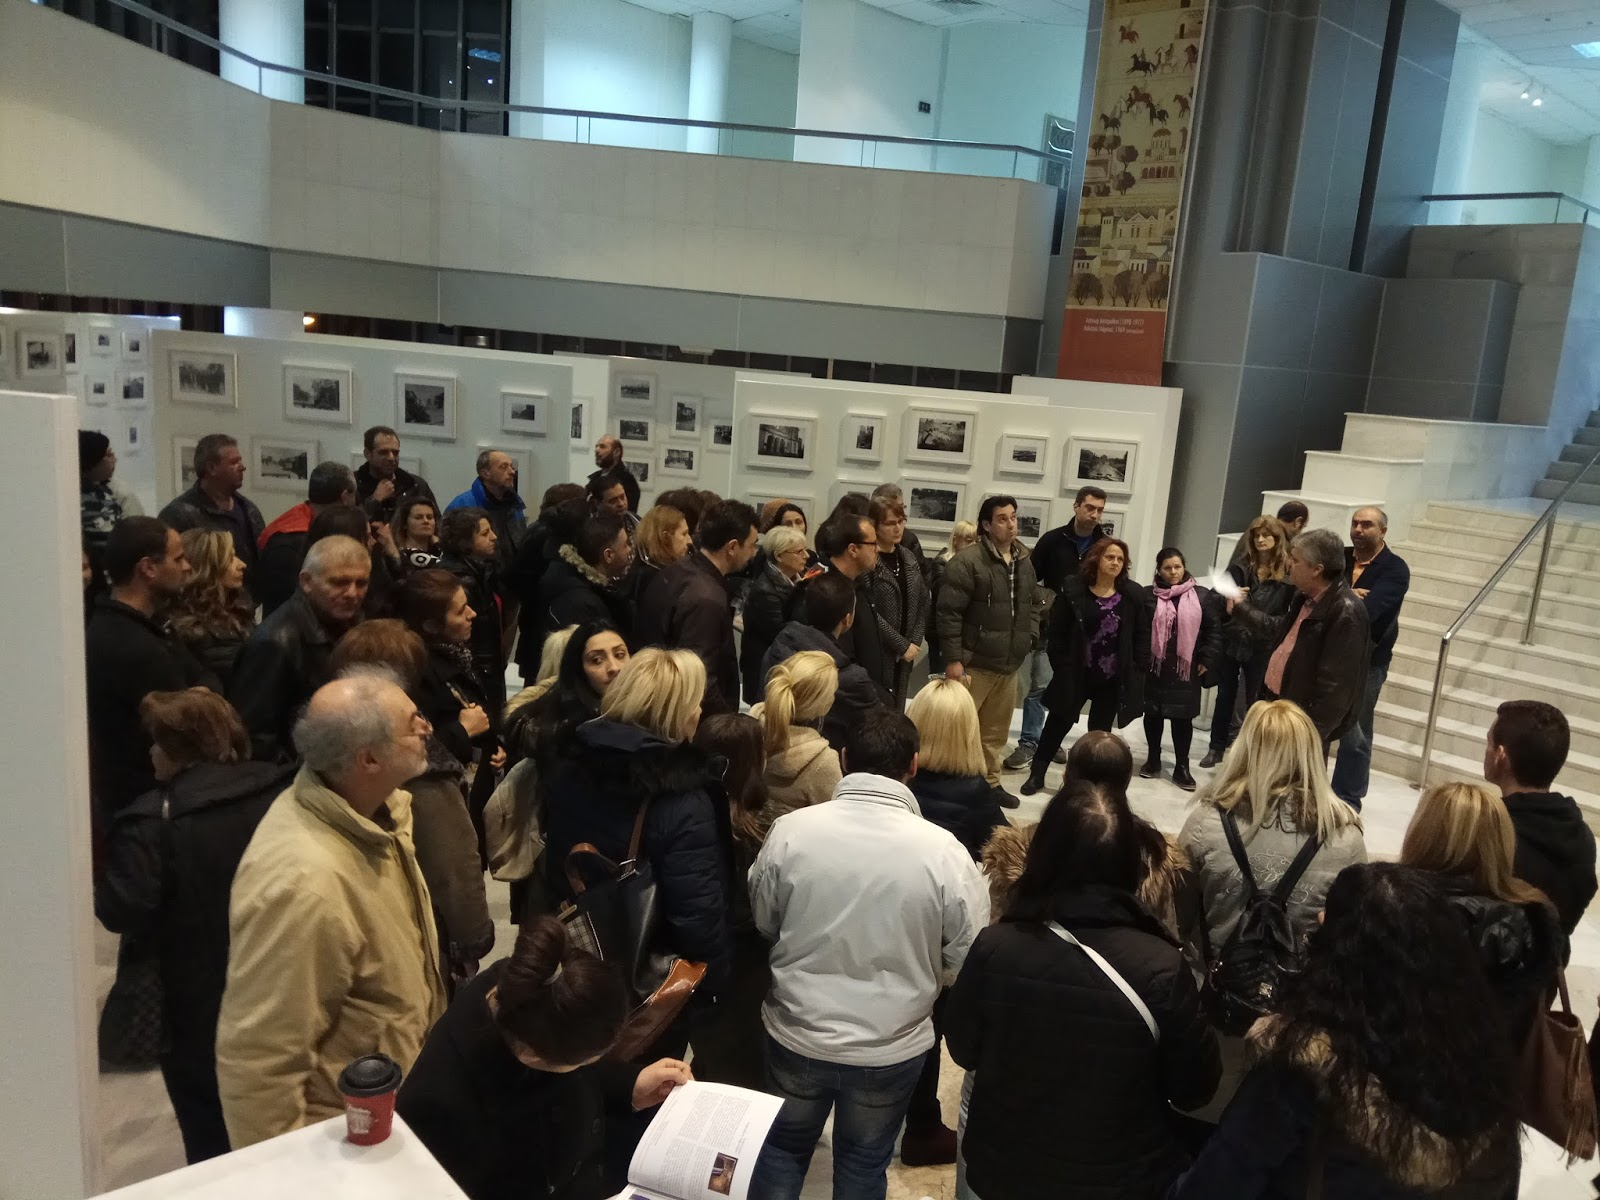 Επίσκεψη του 3ου Εσπερινού ΕΠΑ.Λ. Λάρισας στη Δημοτική Πινακοθήκη